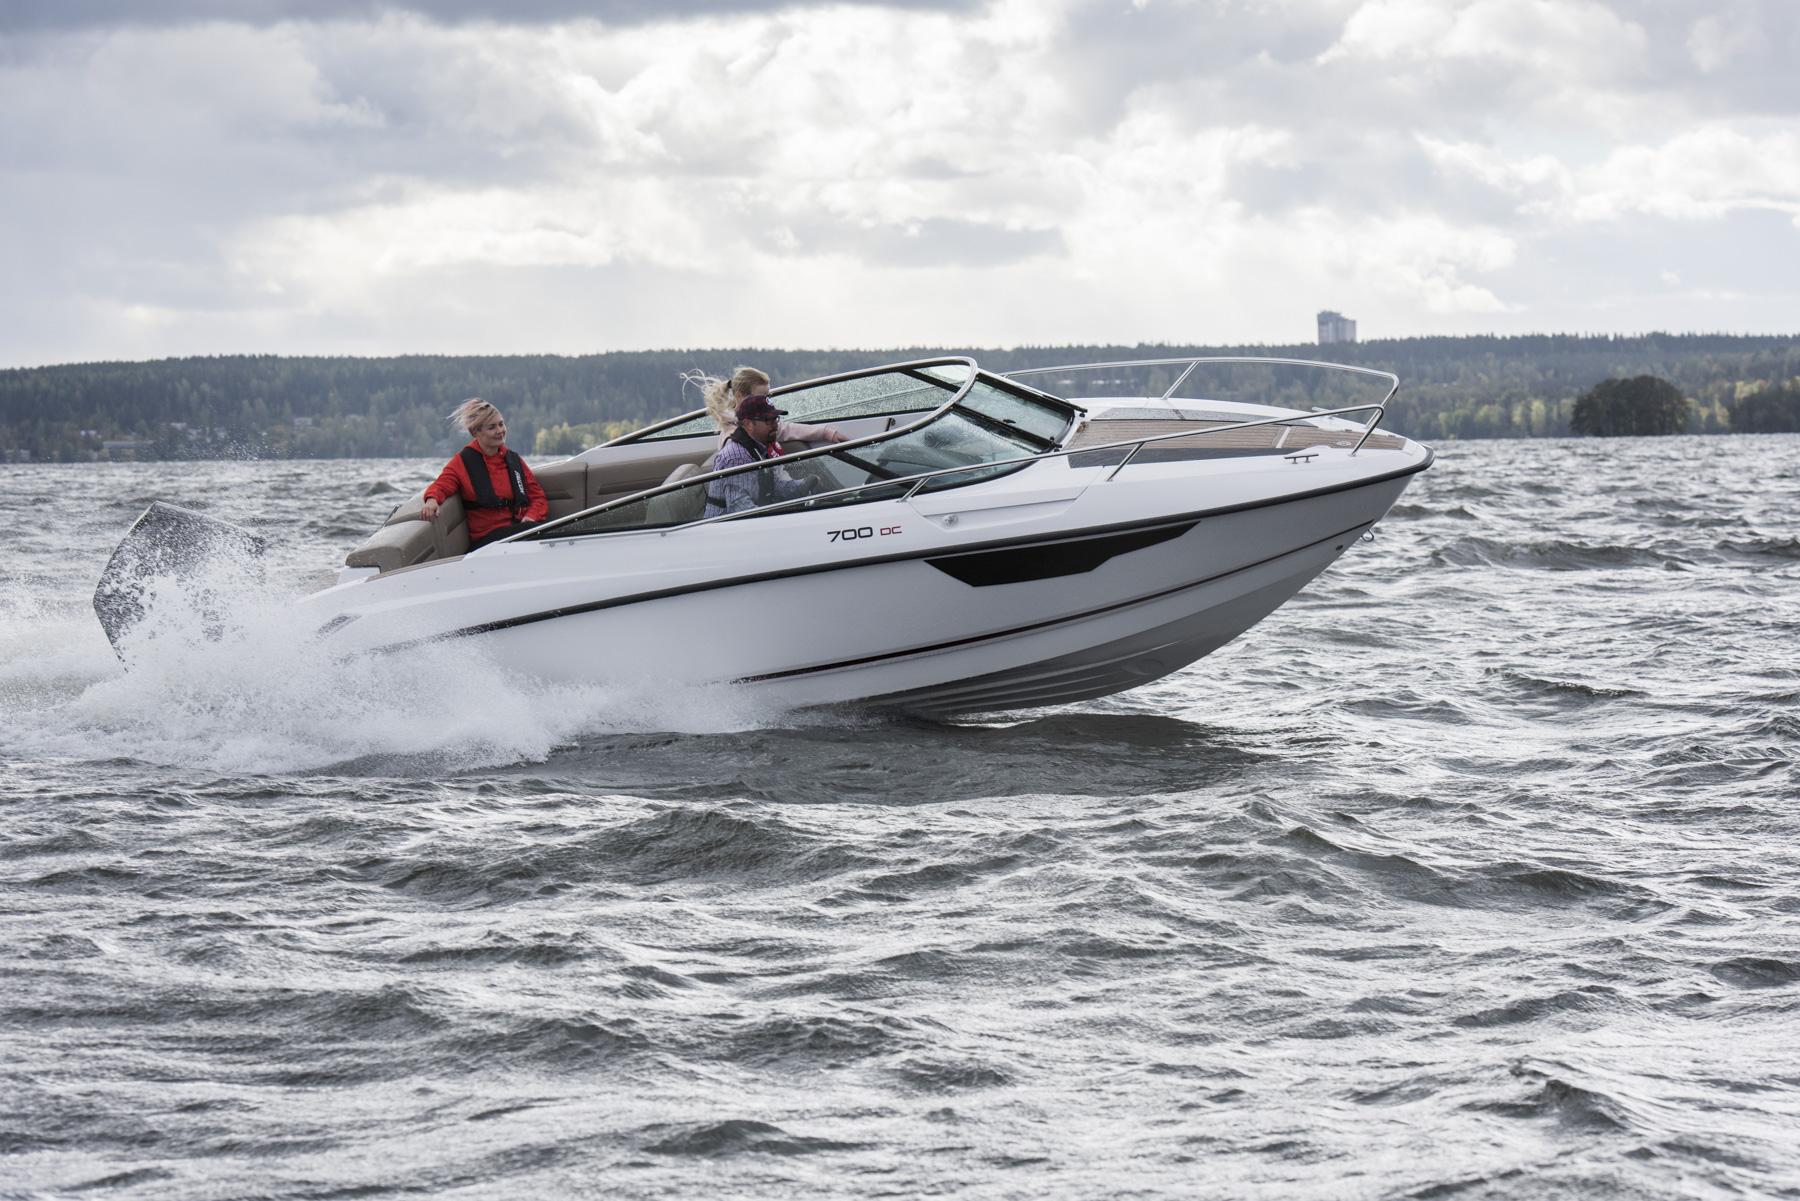 Flipper 700 Day Cruiser at speed